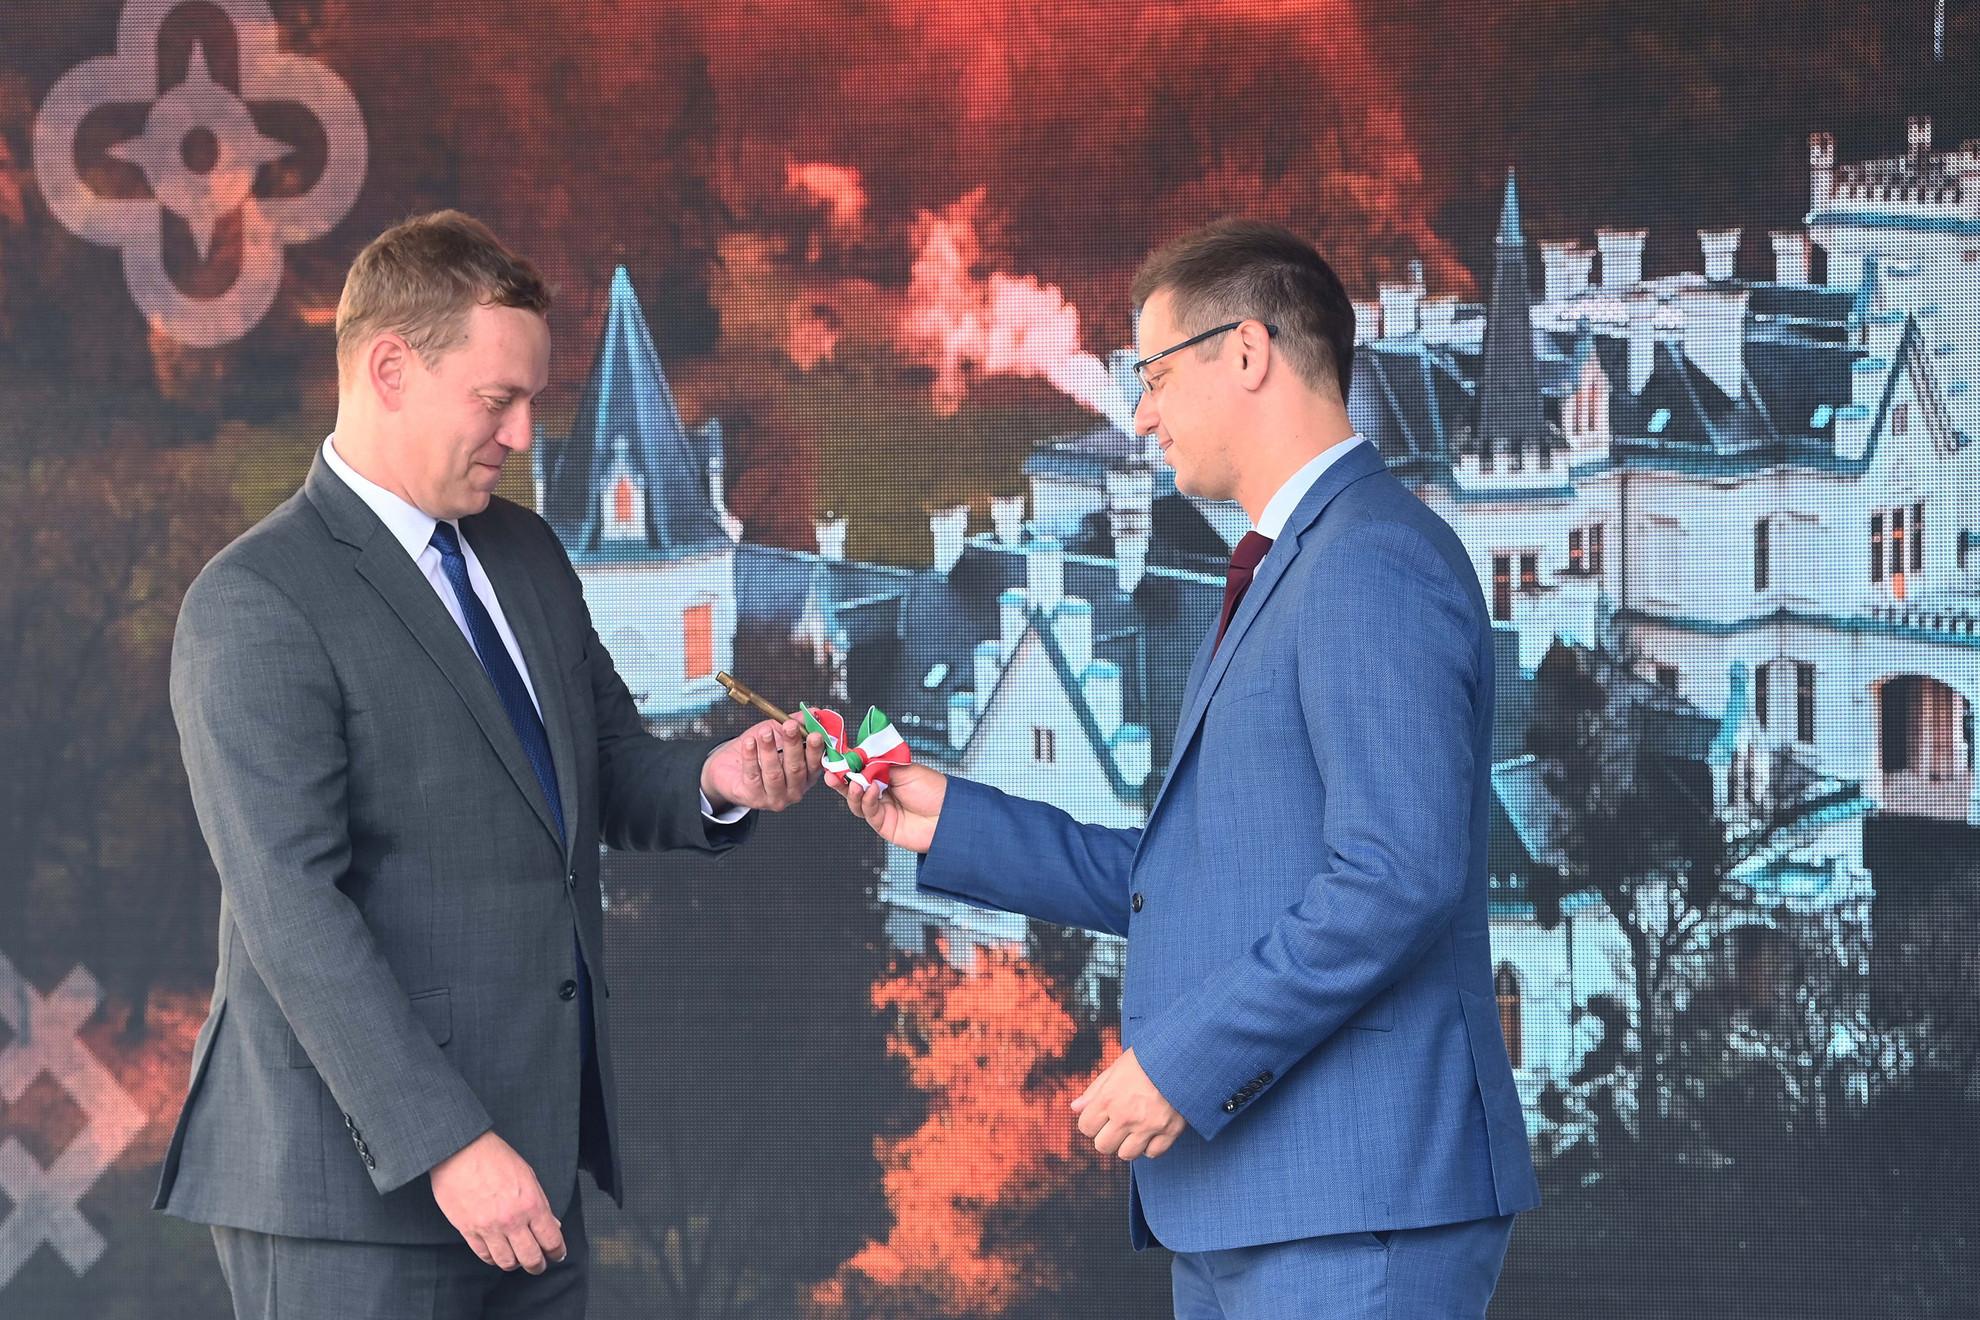 Gulyás Gergely Miniszterelnökséget vezető miniszter (j) átadja a kastély kulcsát Glázer Tamásnak, a Nemzeti Örökségvédelmi Fejlesztési Nonprofit Kft. ügyvezető igazgatójának a Nemzeti Kastélyprogram és Nemzeti Várprogram keretében megújult nádasdladányi Nádasdy-kastély ünnepélyes átadásán 2021. augusztus 1-jén